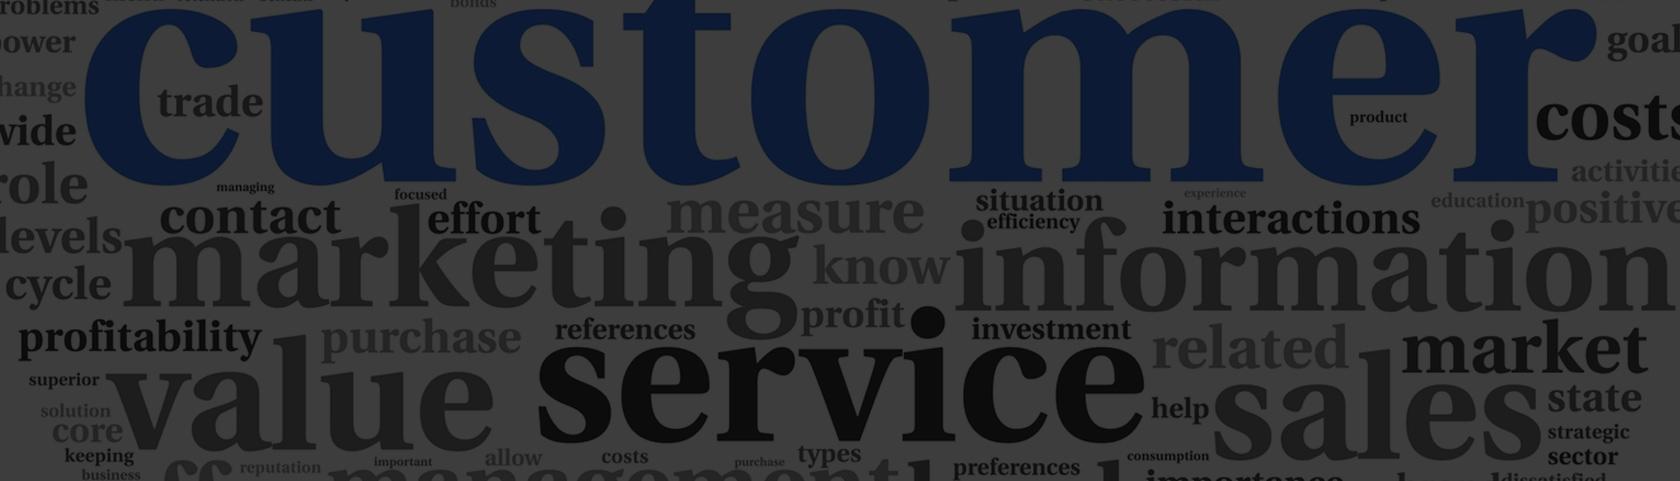 service-matters